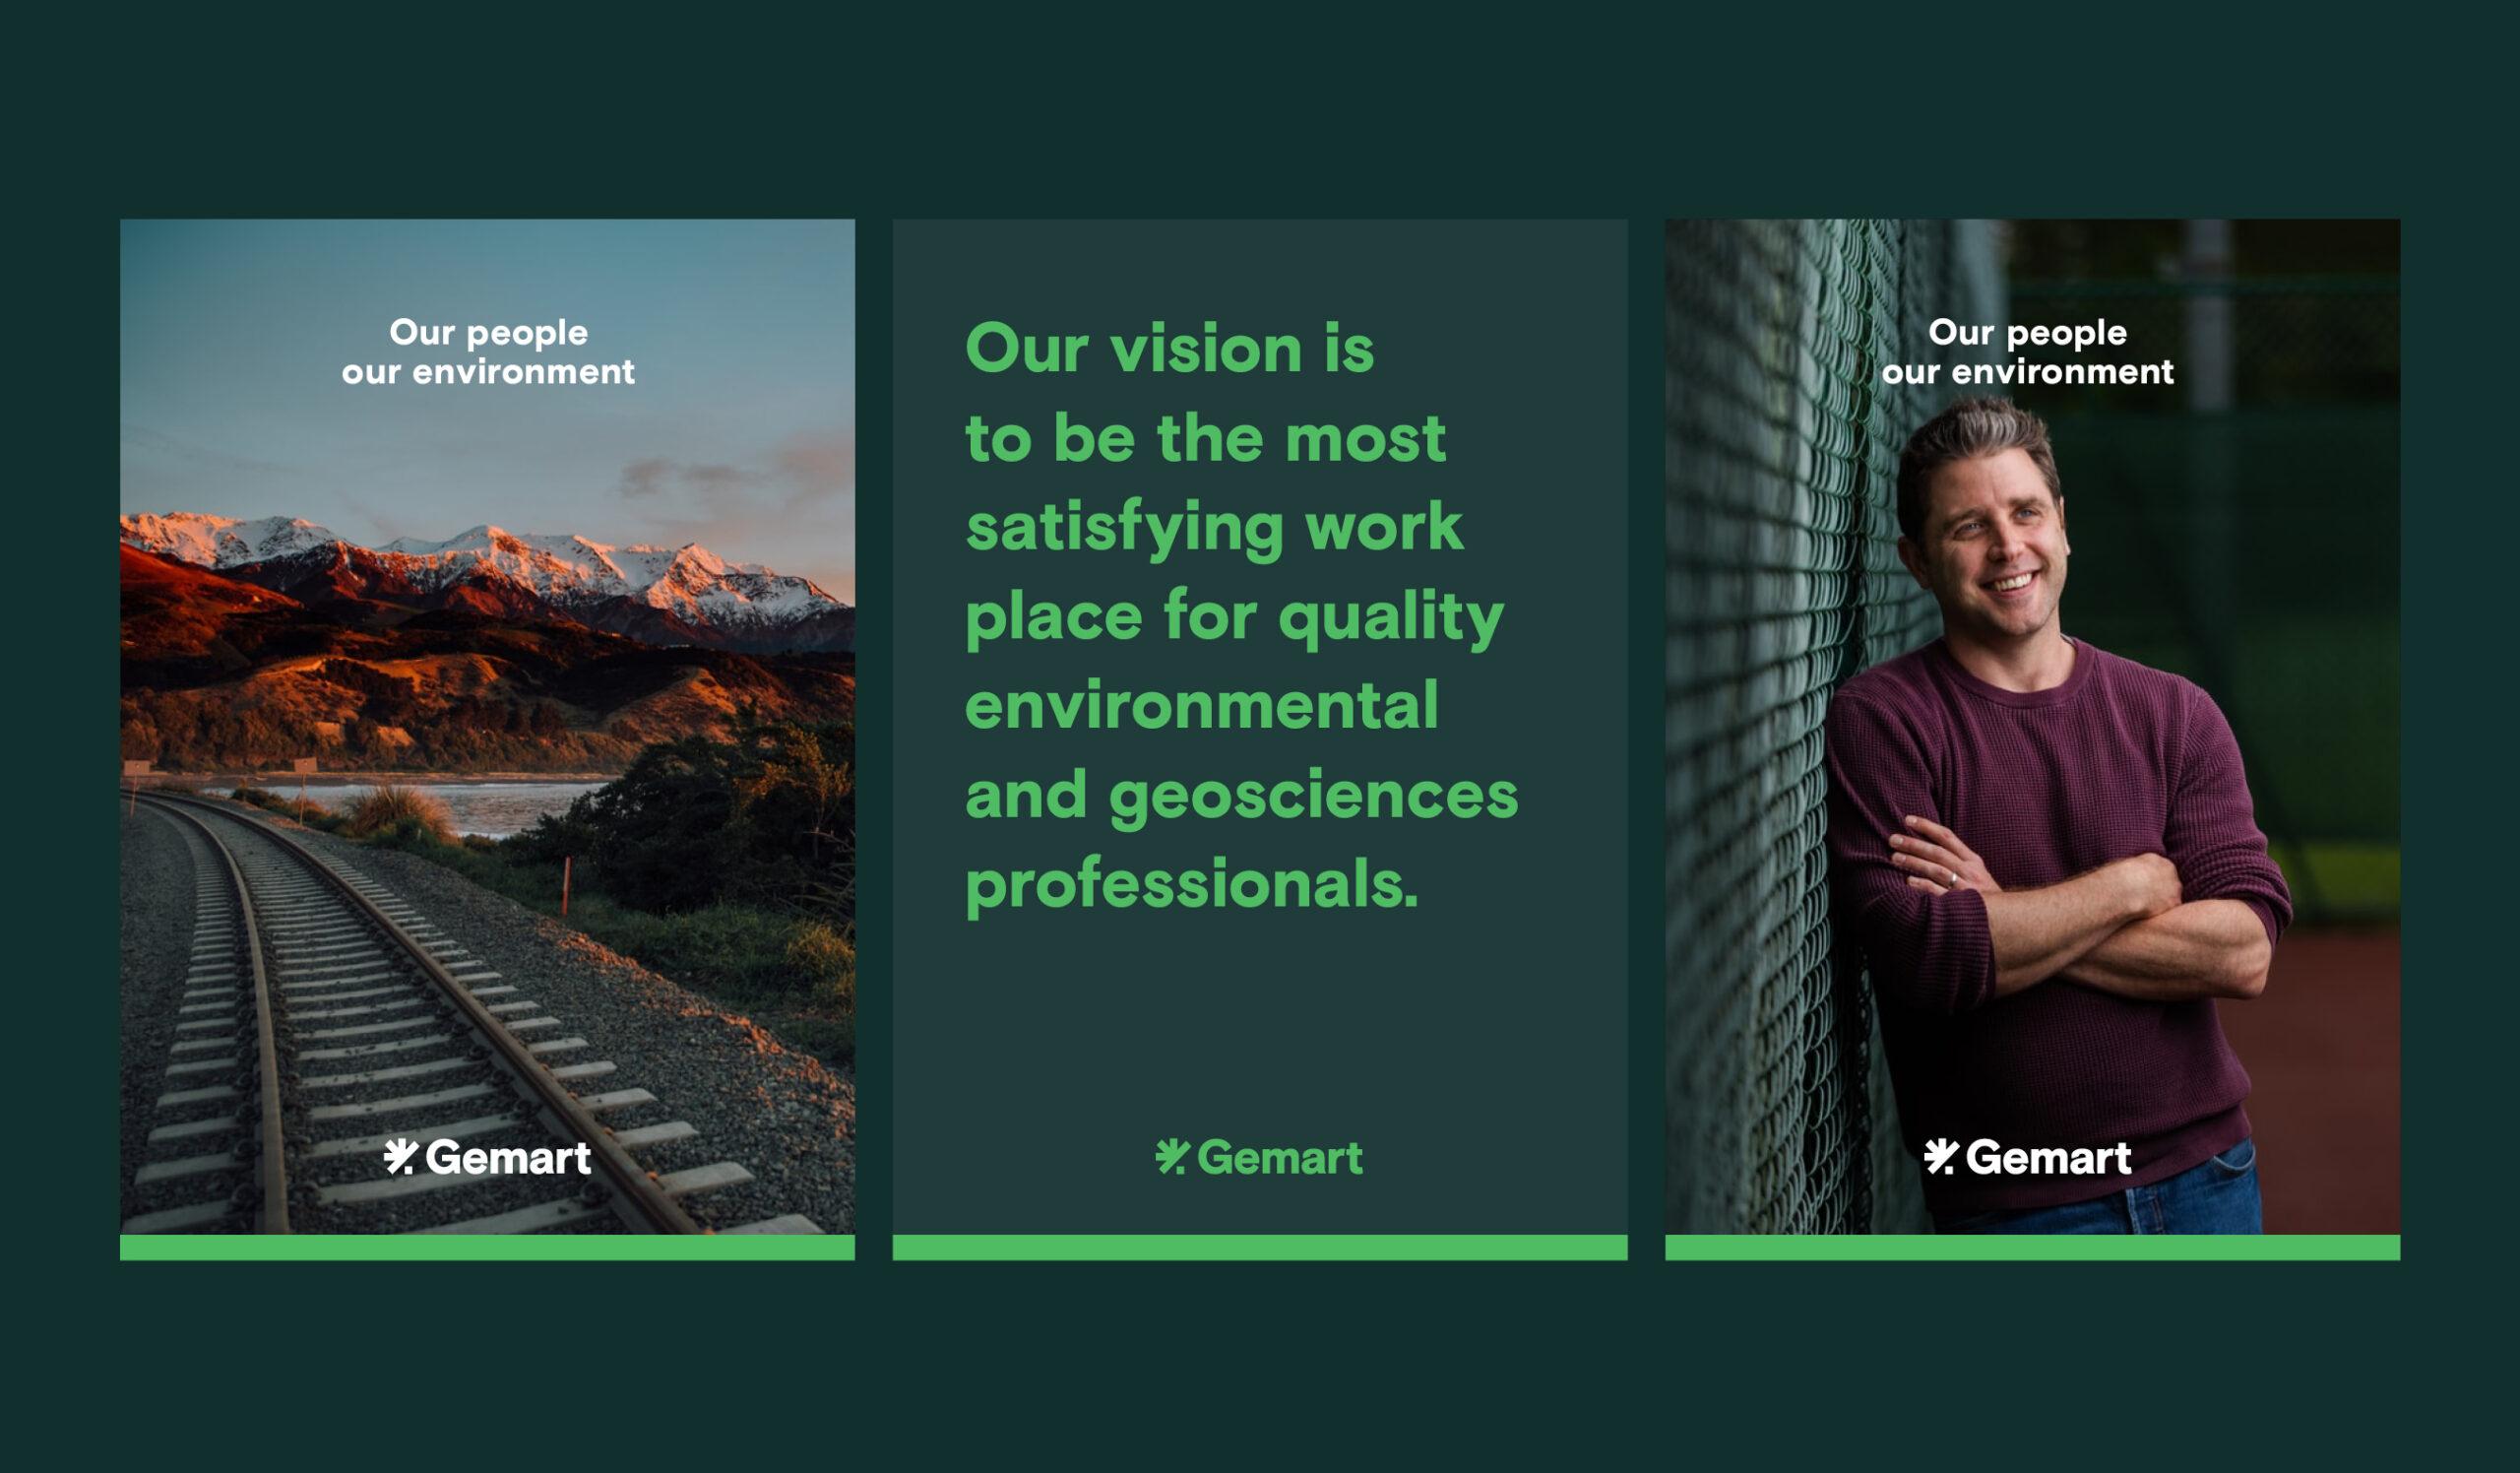 visual-brand-identity-design-nz-gemart